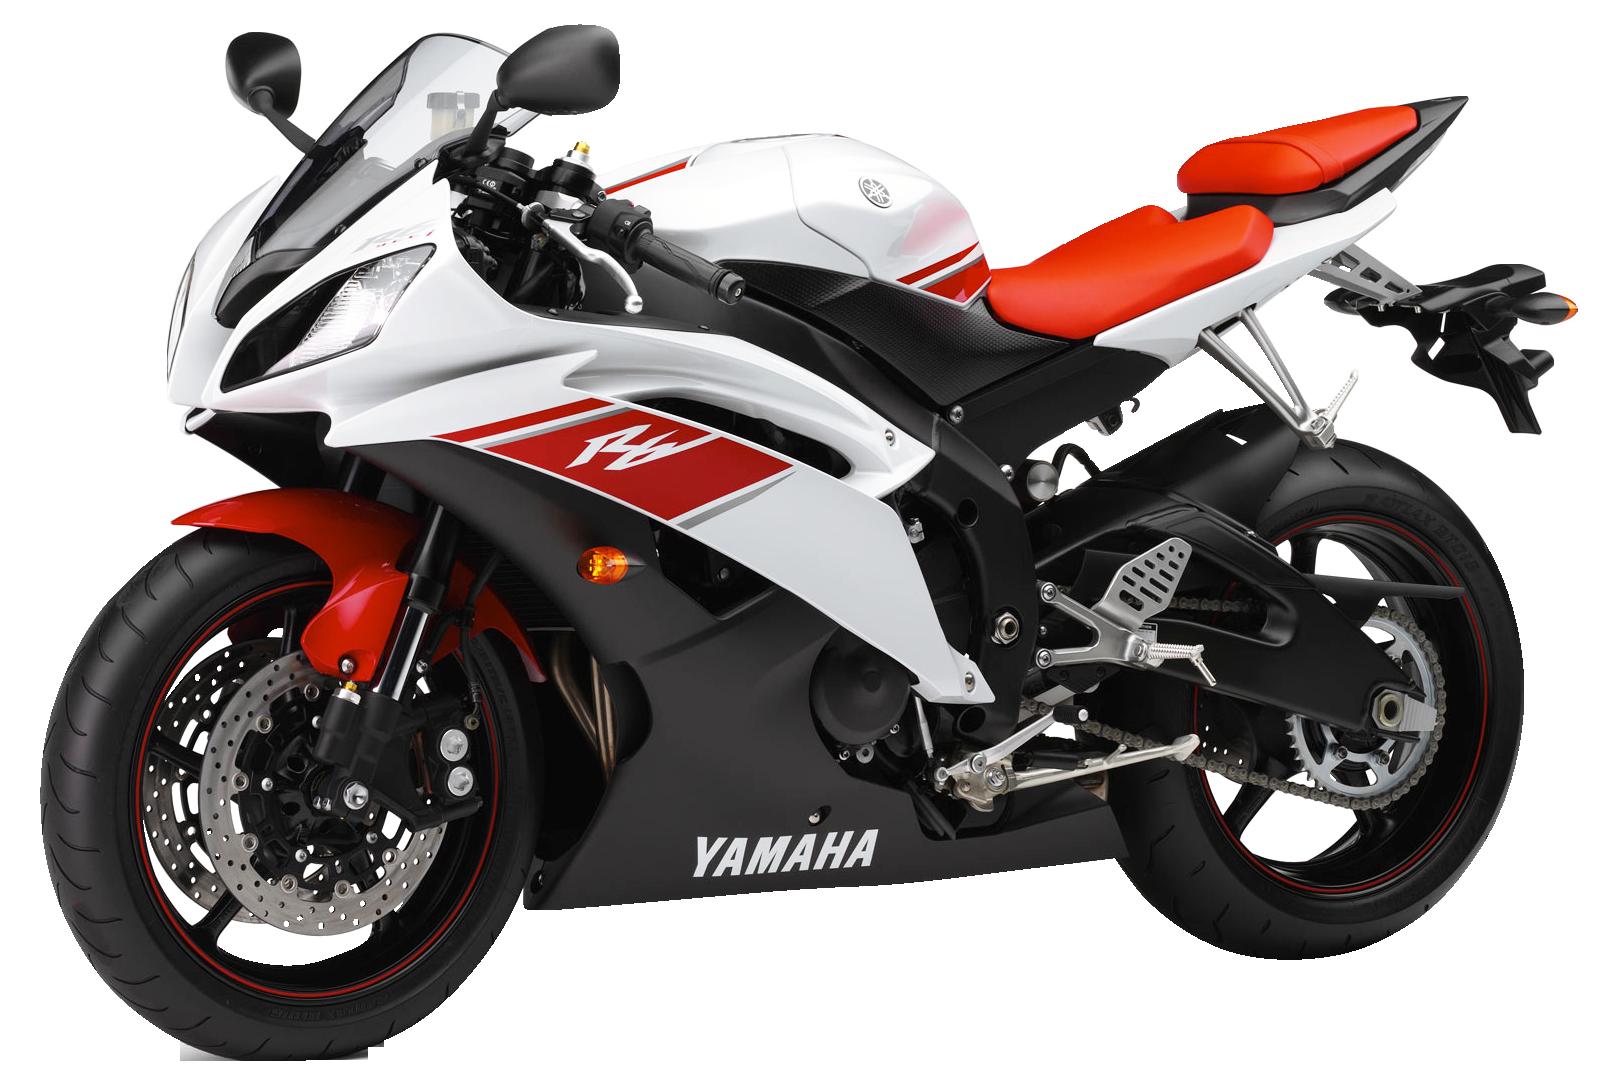 Yamaha YZF R6 PNG Image